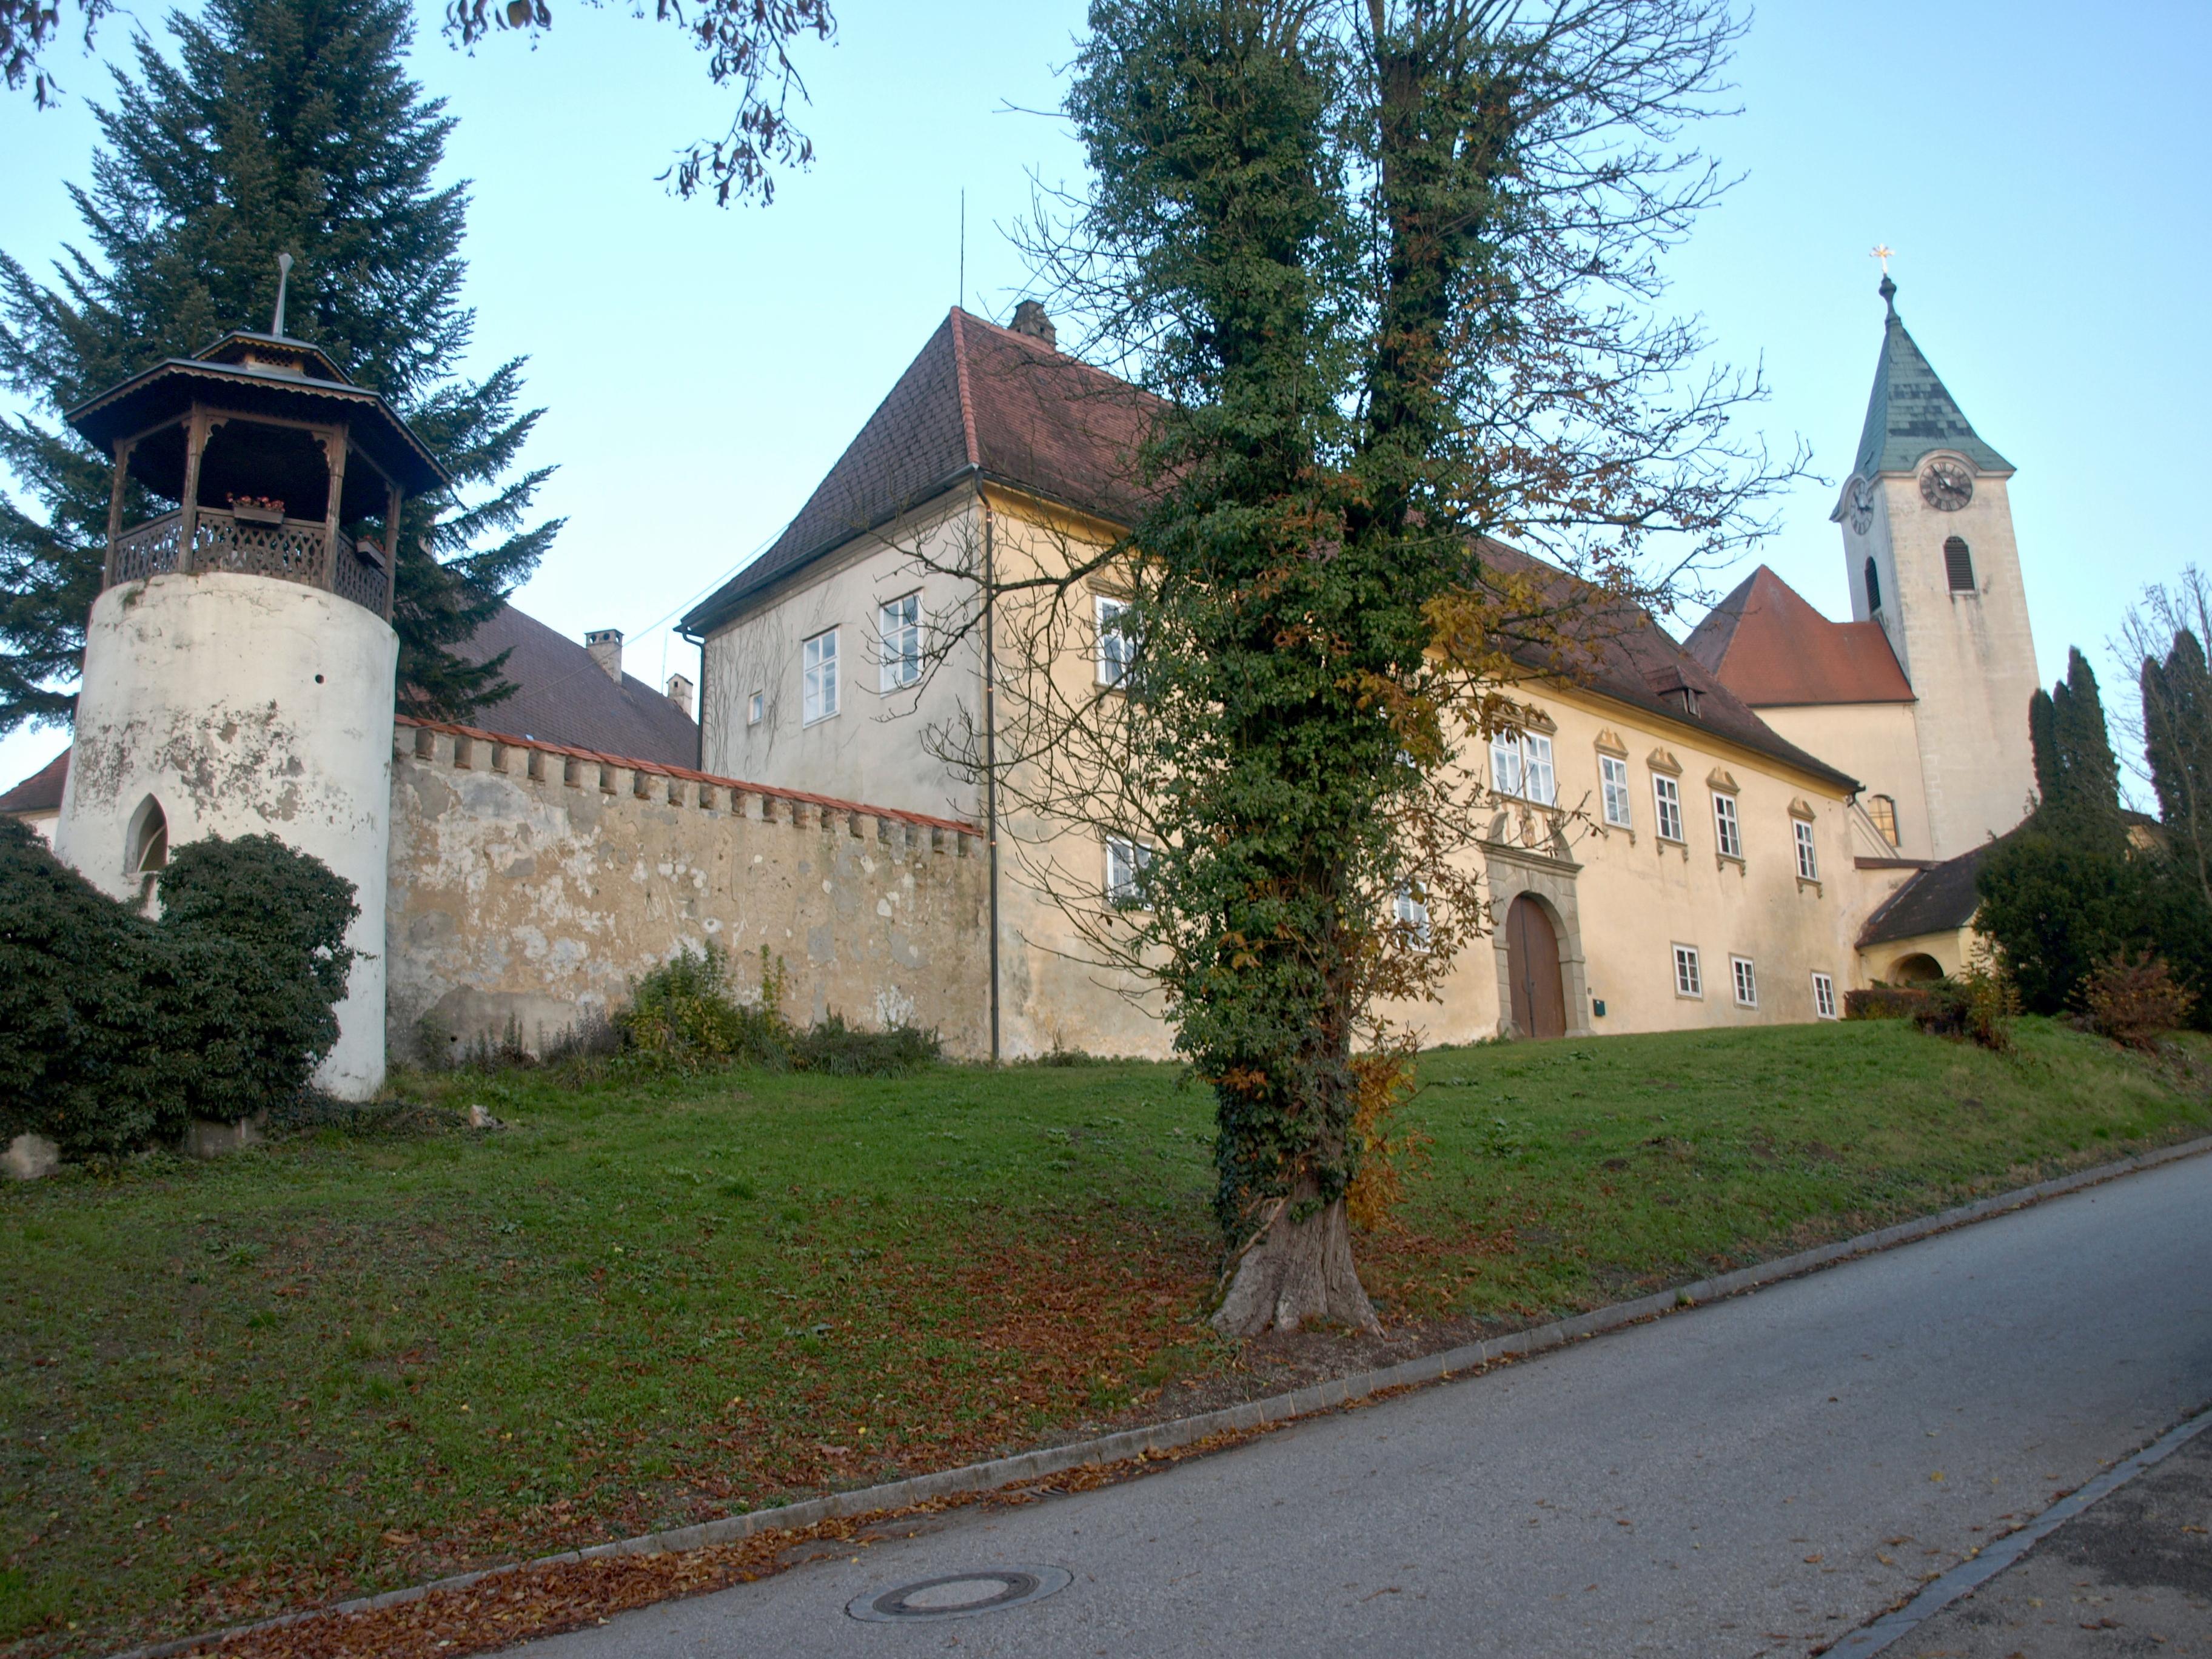 Schiffsmeisterhaus Gasthof Restaurant - Mostviertel Tourismus